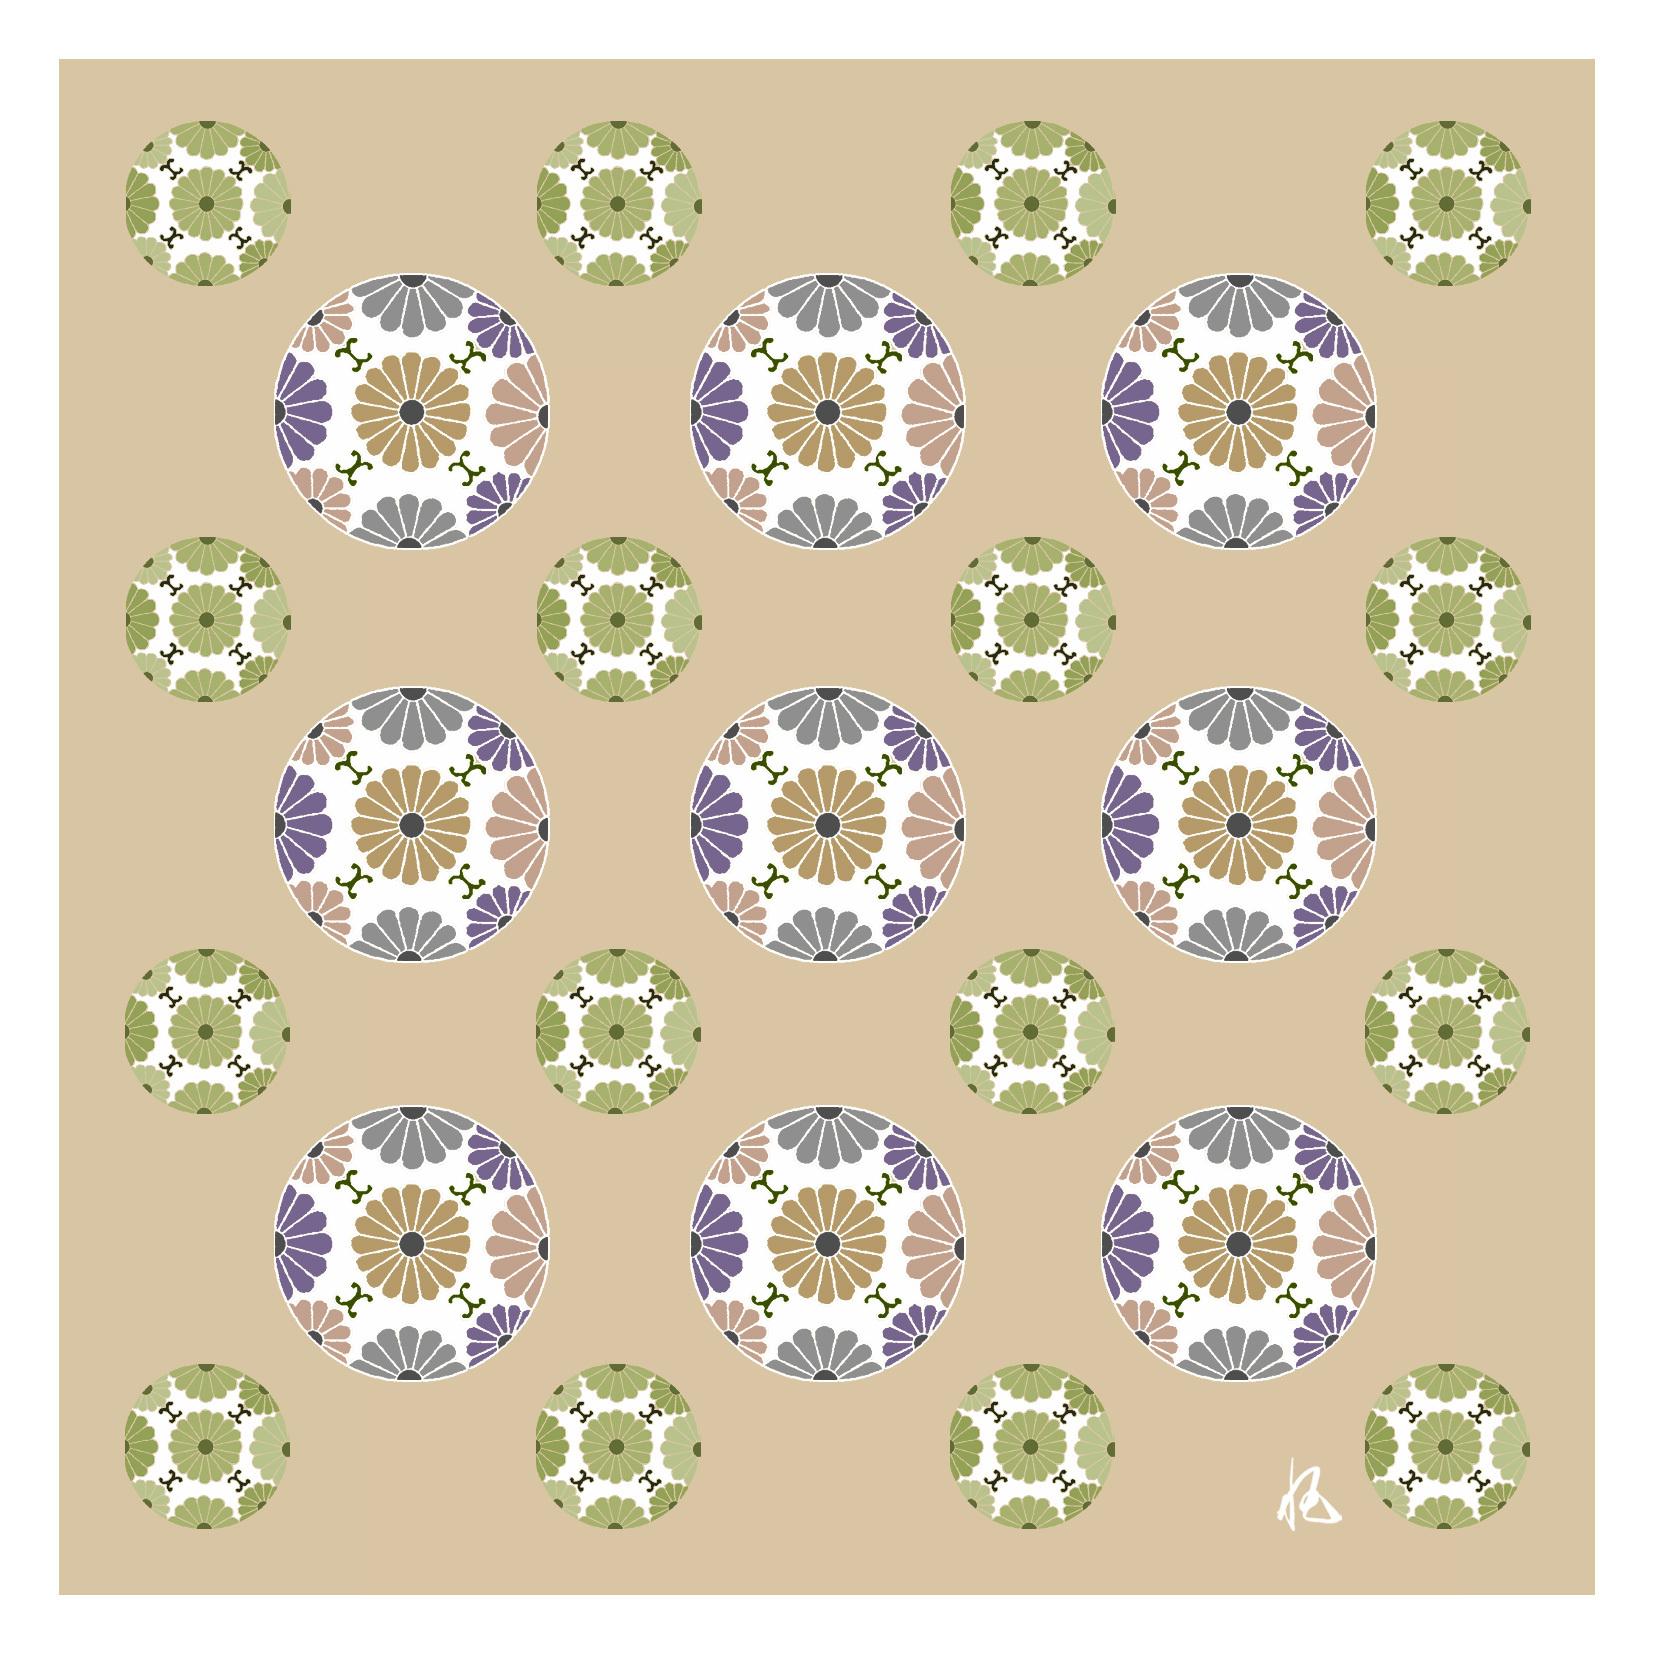 ガラス皿「そめゆら」K-19 菊紋 ベージュ